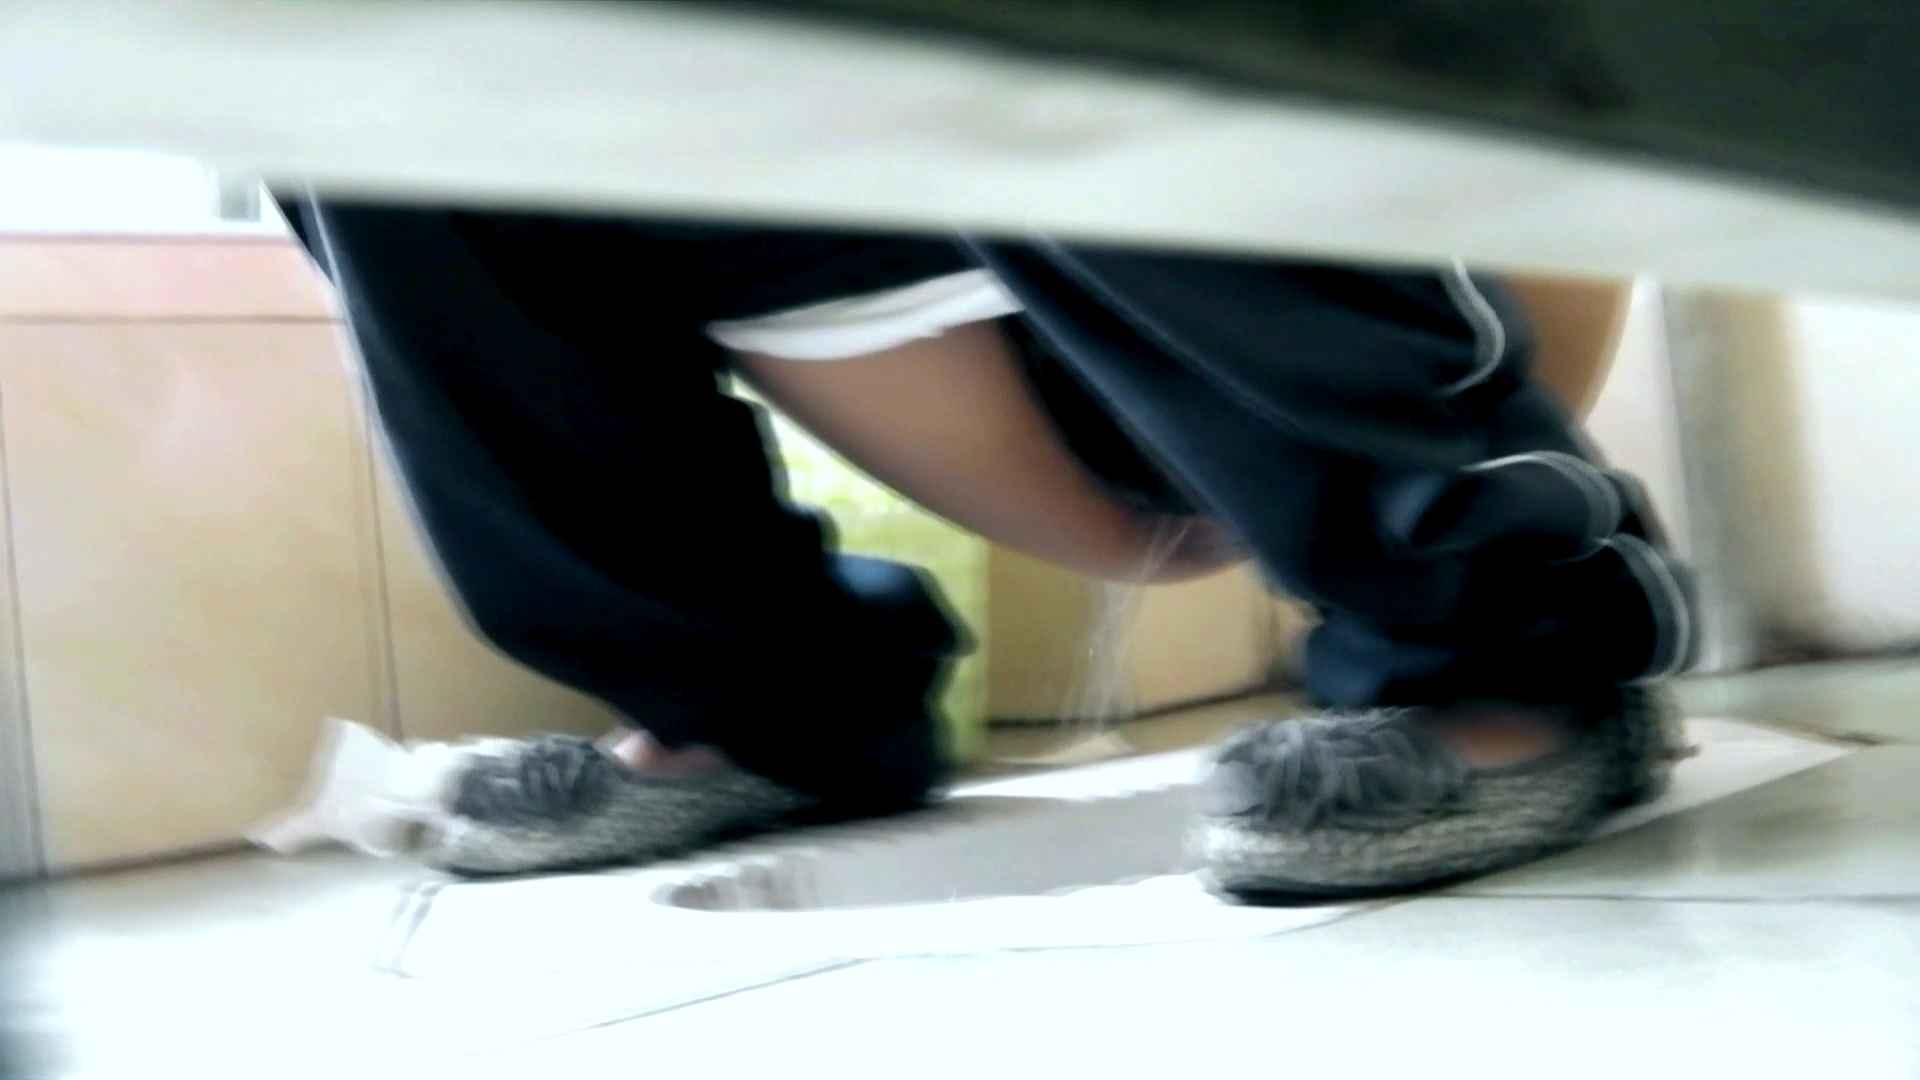 ステーション編 vol.36 無料動画に登場したトップクラスモデル本番へ 洗面所シーン セックス無修正動画無料 44画像 22